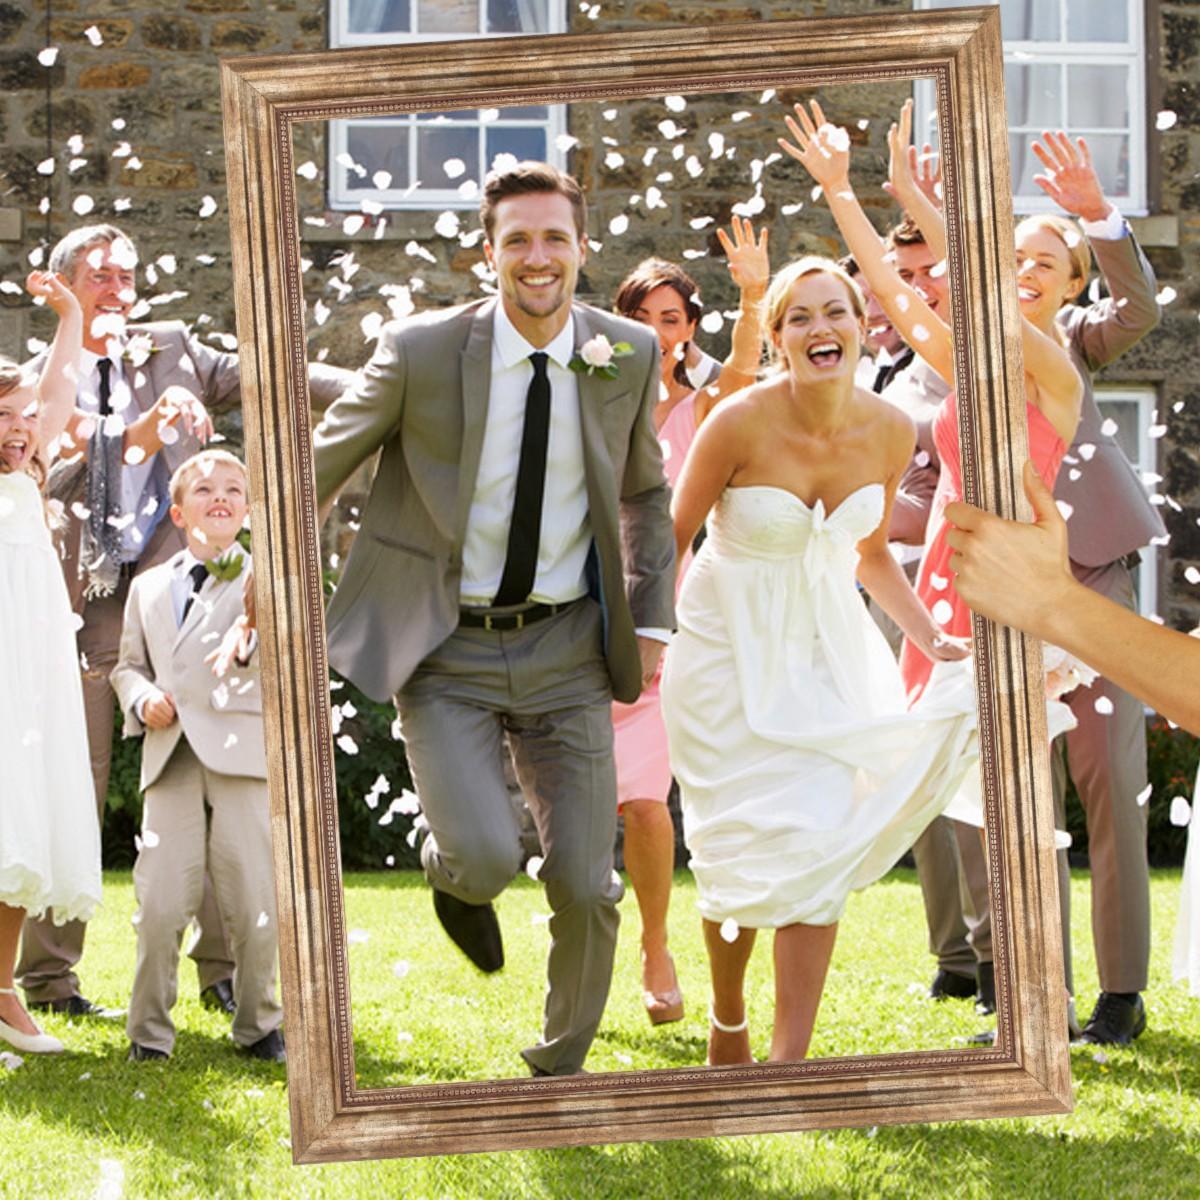 Hochzeit-Bilderrahmen für beeindruckende Hochzeitsfotos ...